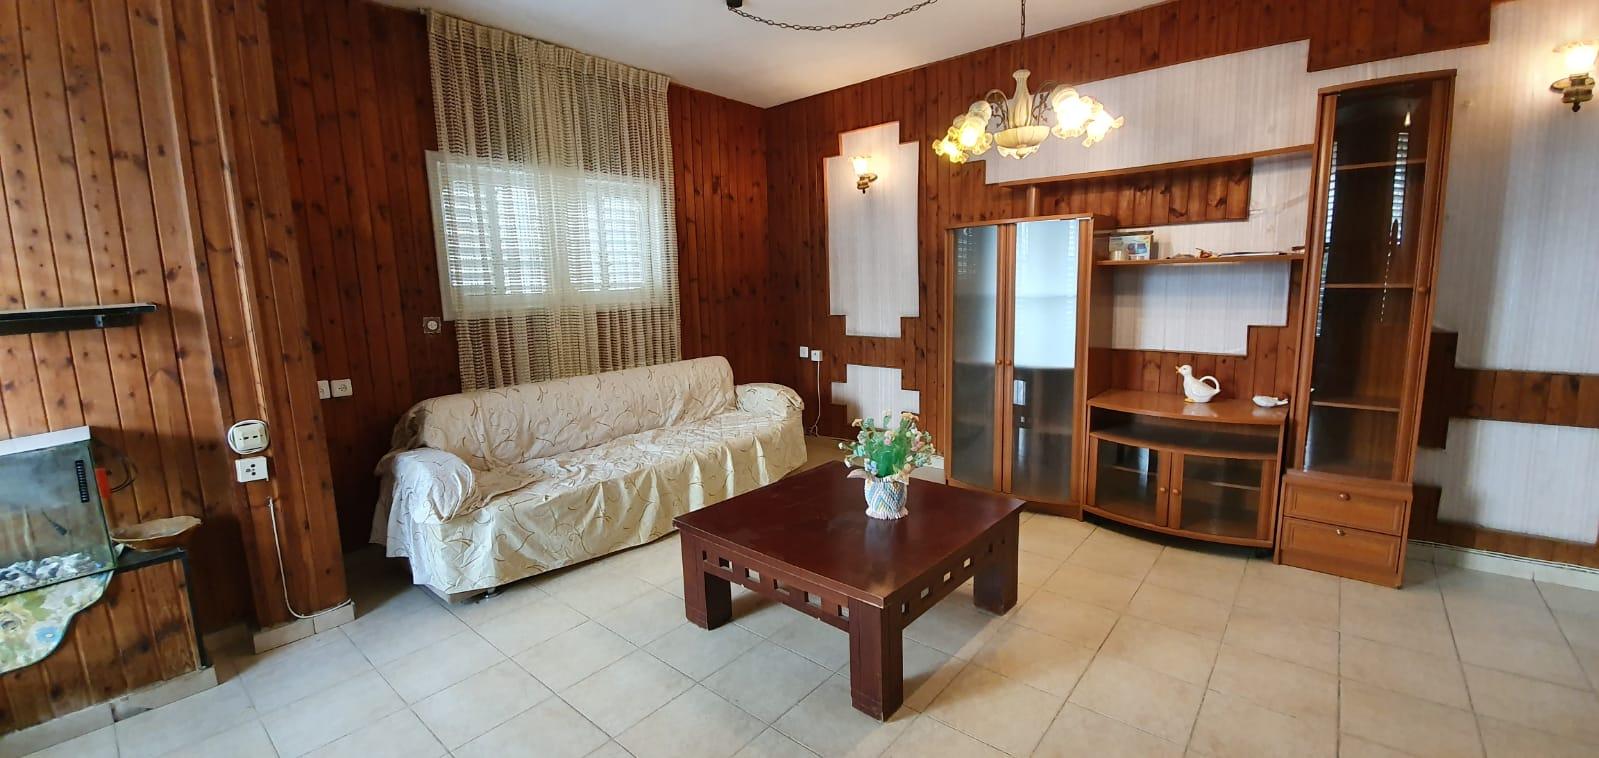 בת ים דירה להשכרה 2.5 חדרים 3,700₪ בחודש, בת ים